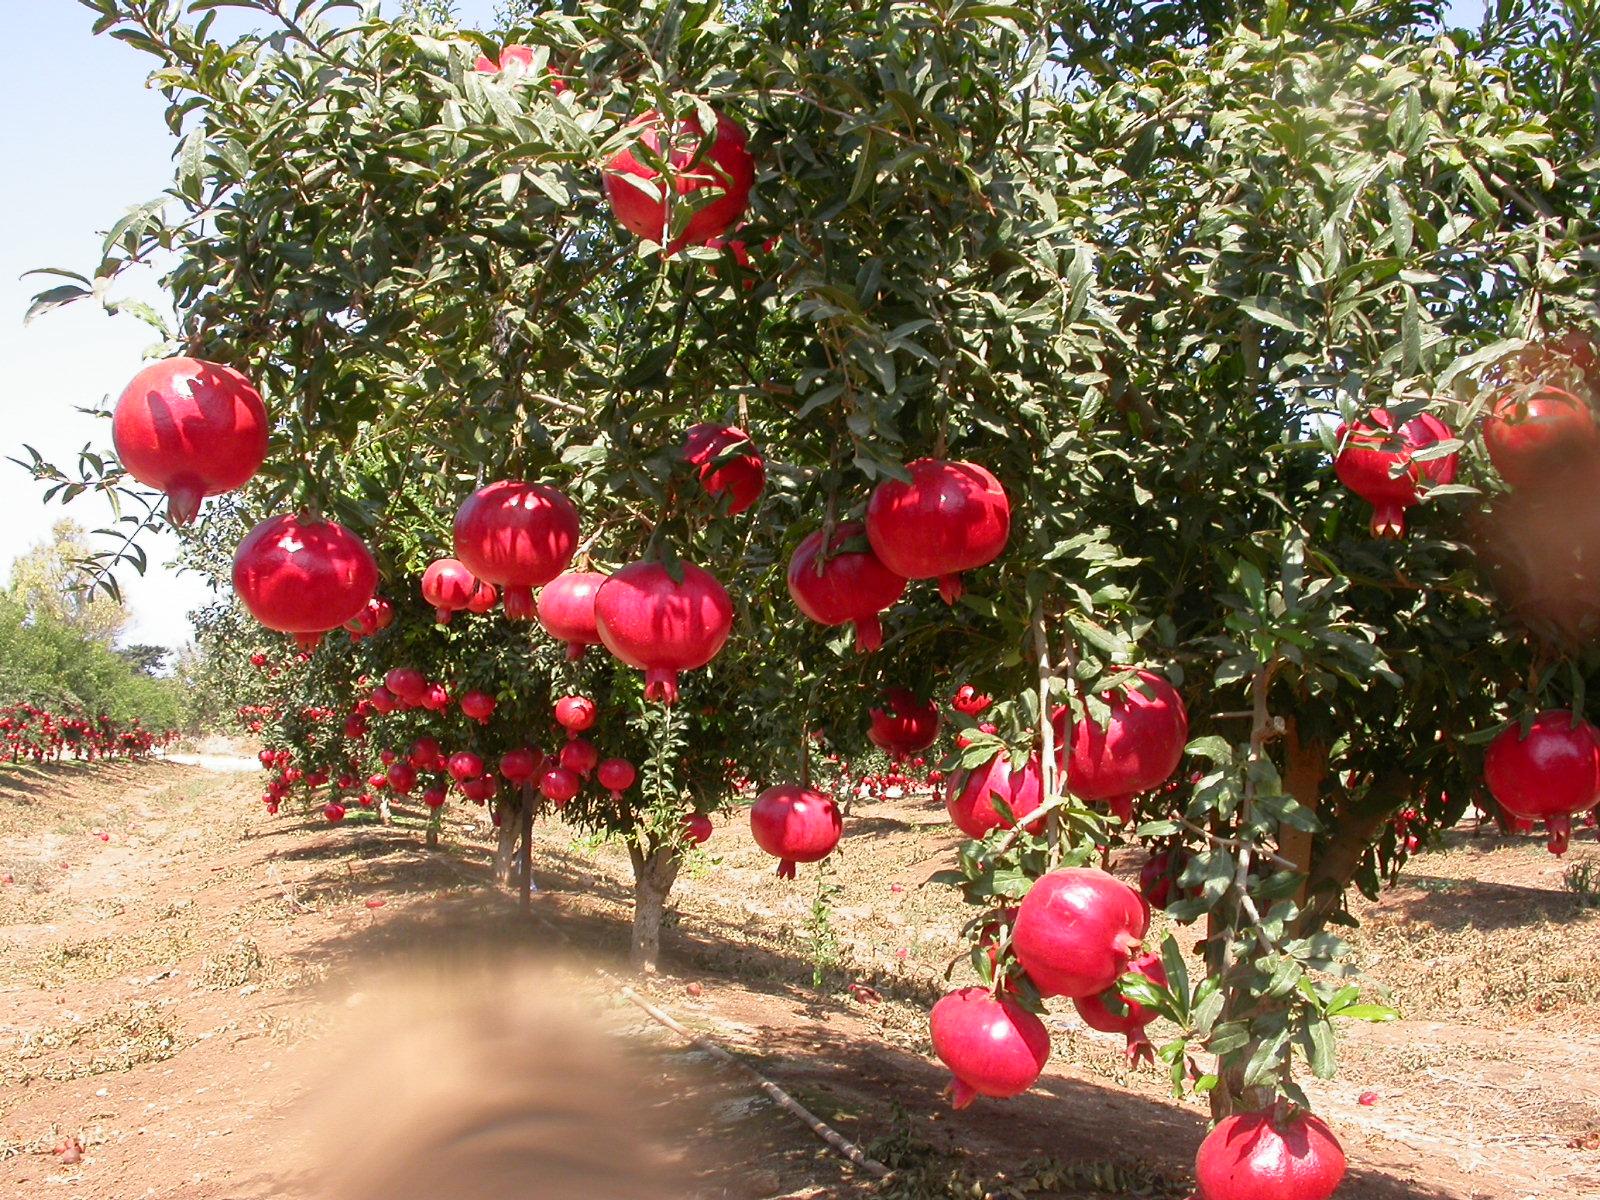 Risultati immagini per pomegranate tree